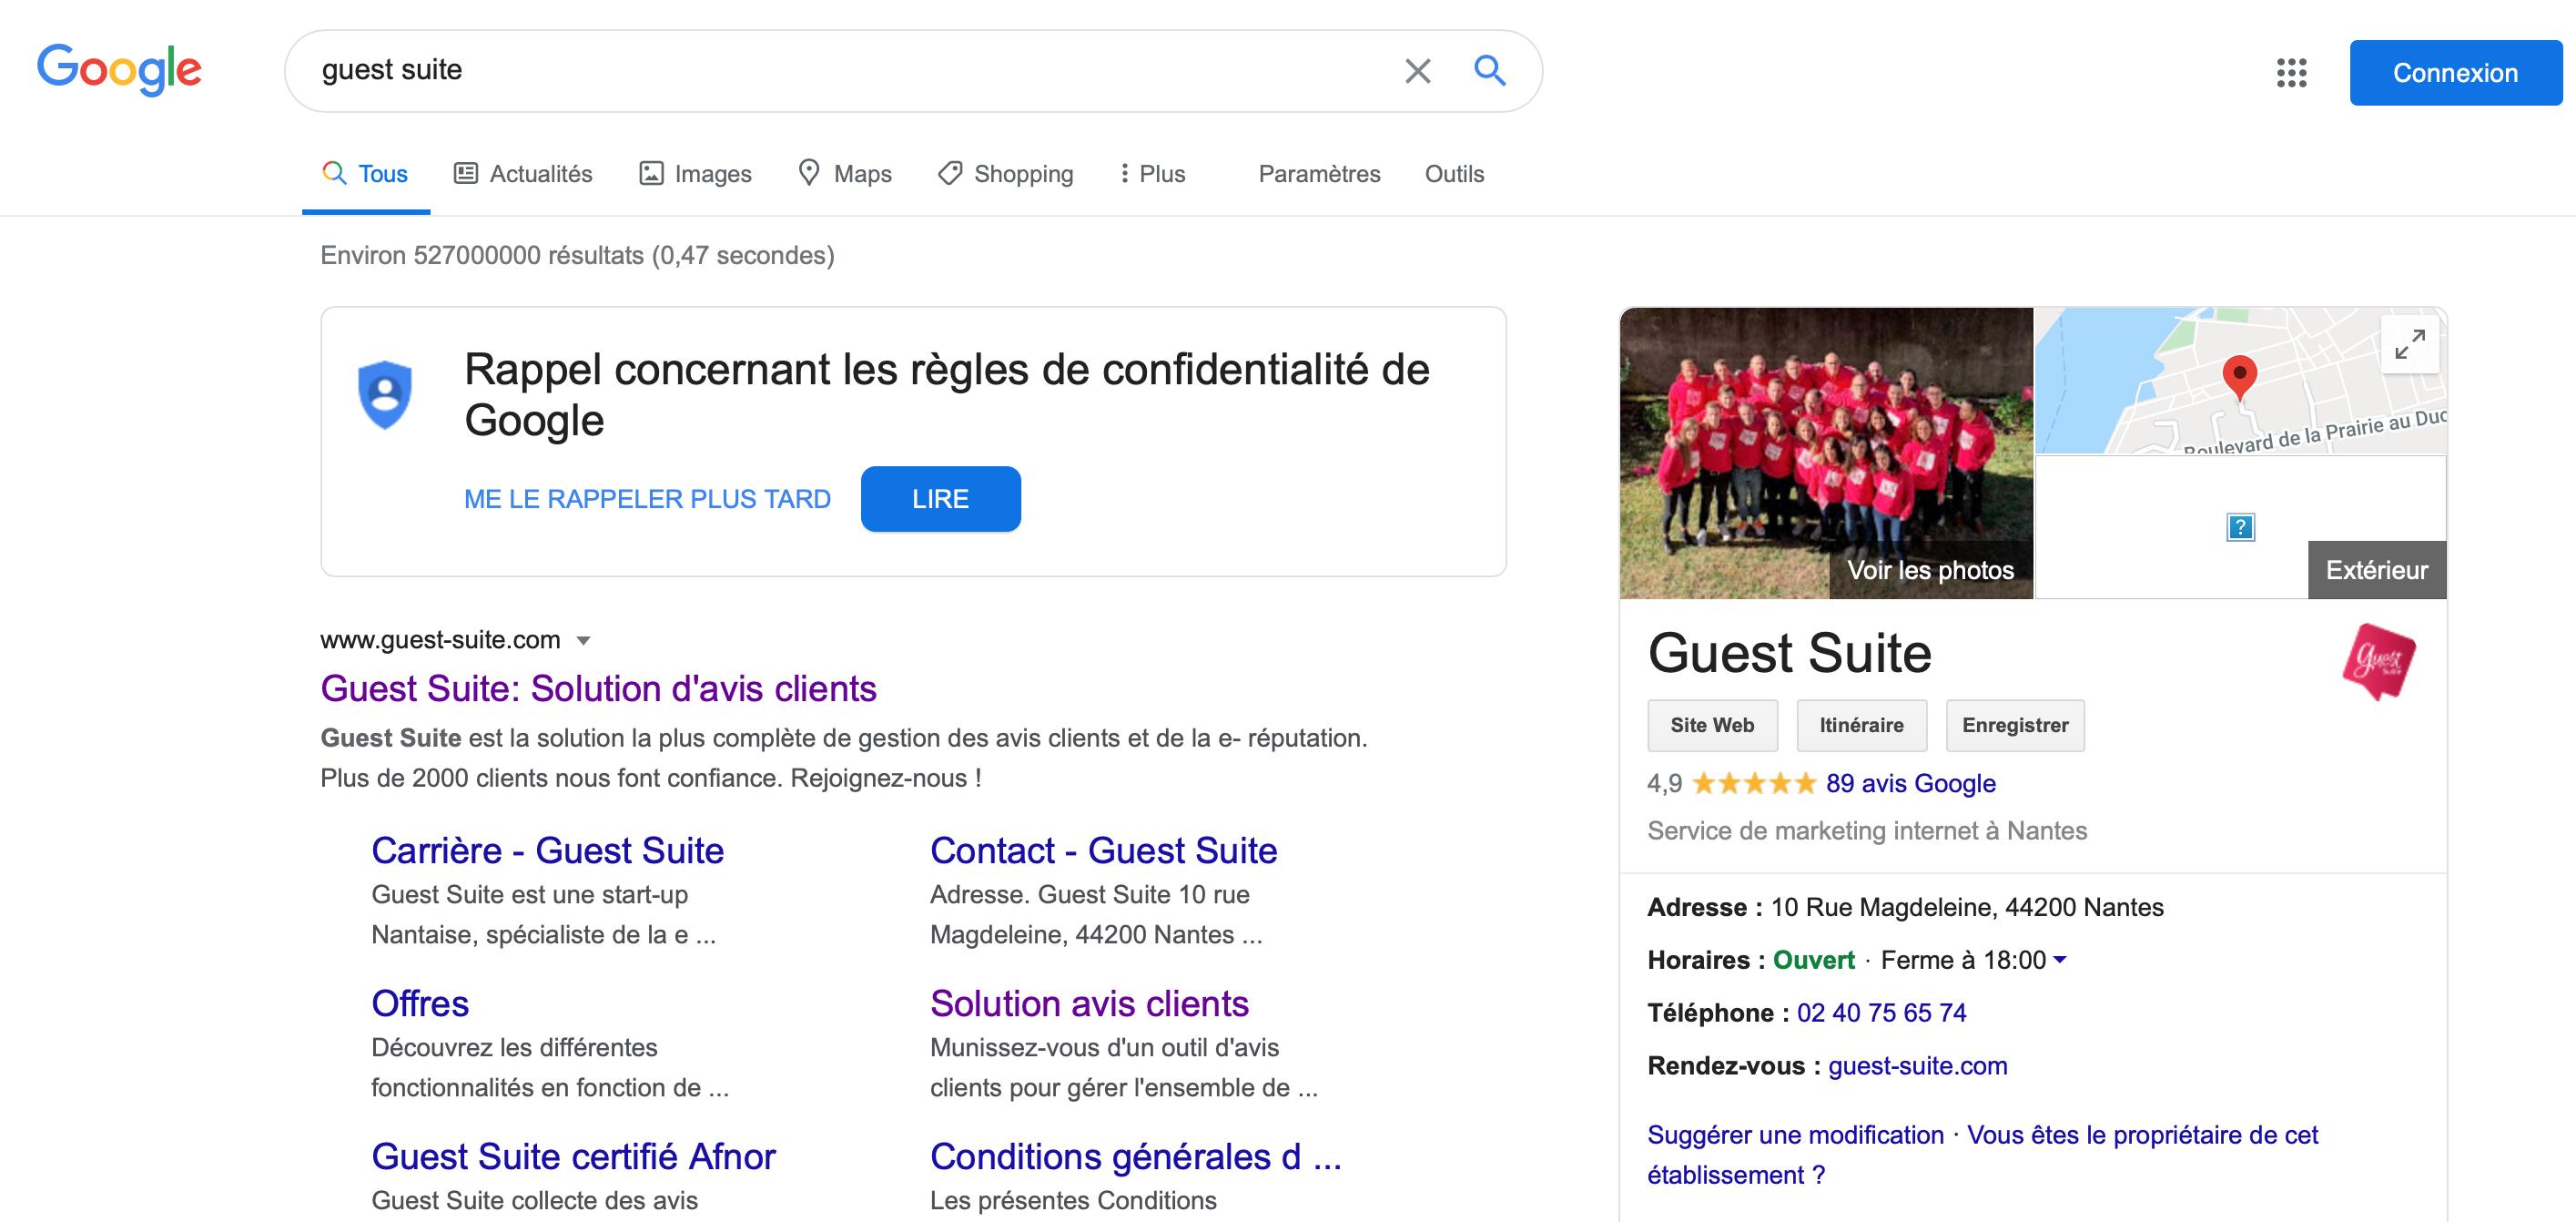 Fiche Google My Business Guest Suite